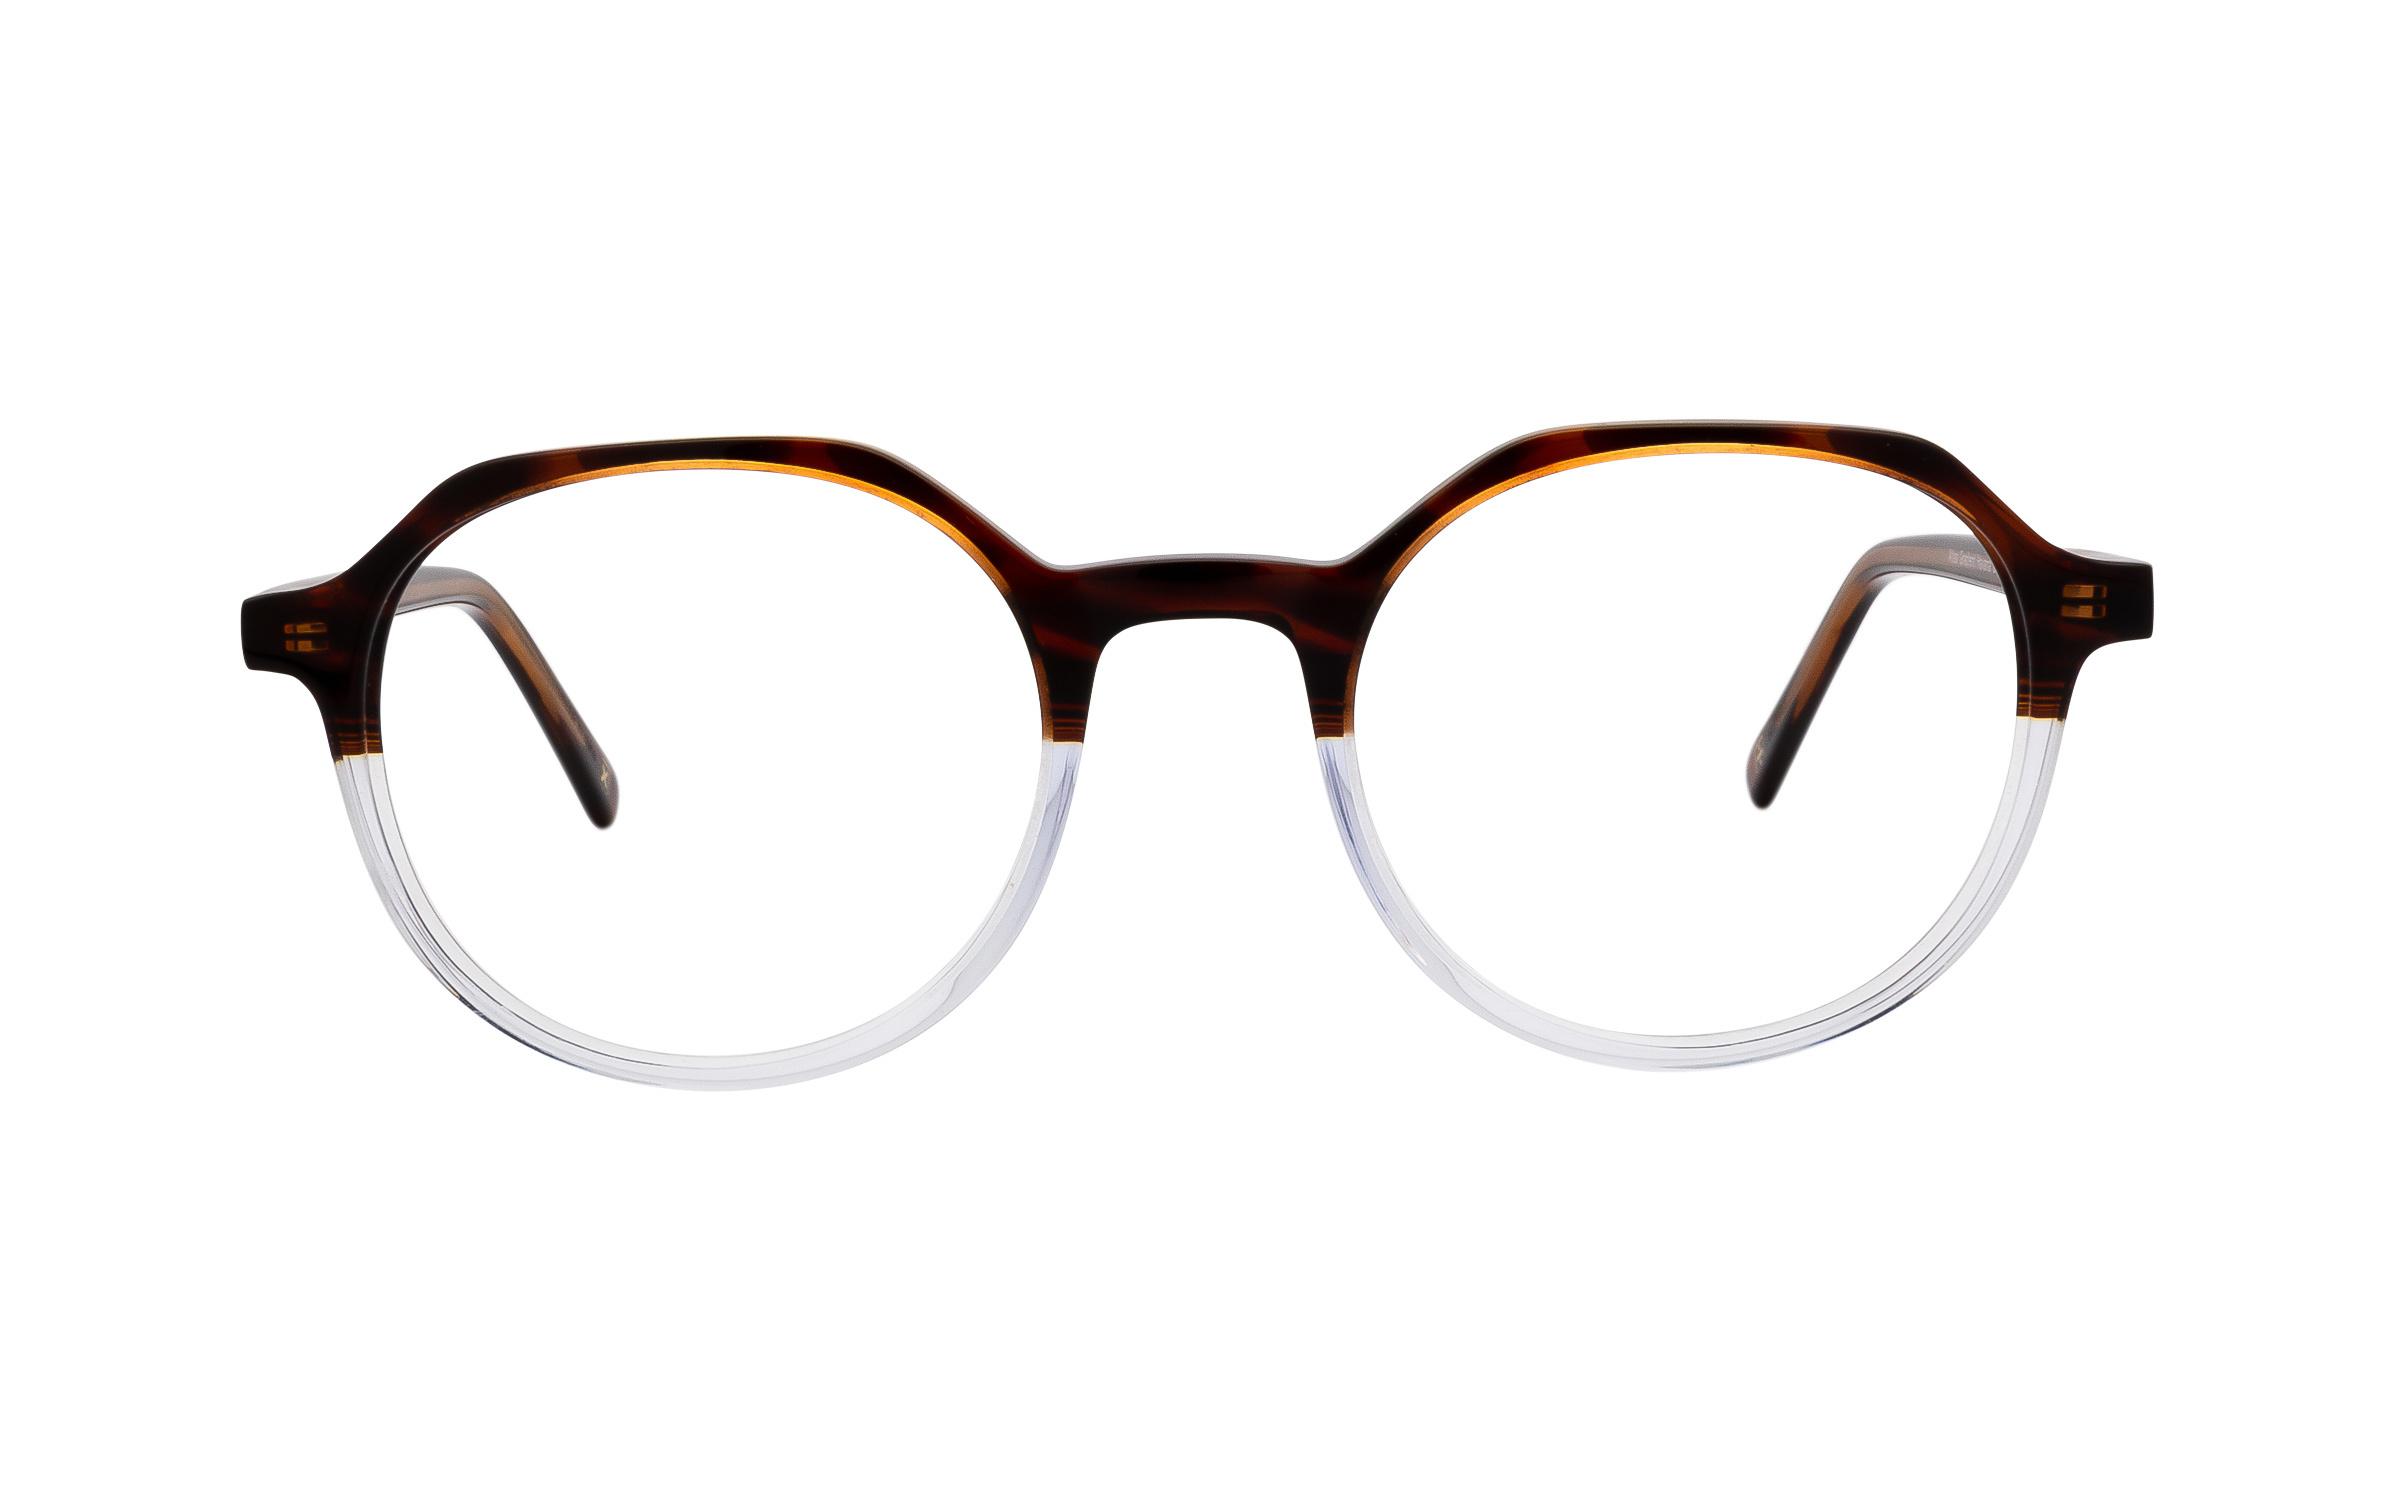 http://www.coastal.com/ - Derek Cardigan Atlas DC214 C03 (47) Eyeglasses and Frame in Gradient Havana Crystal Tortoise – Online Coastal